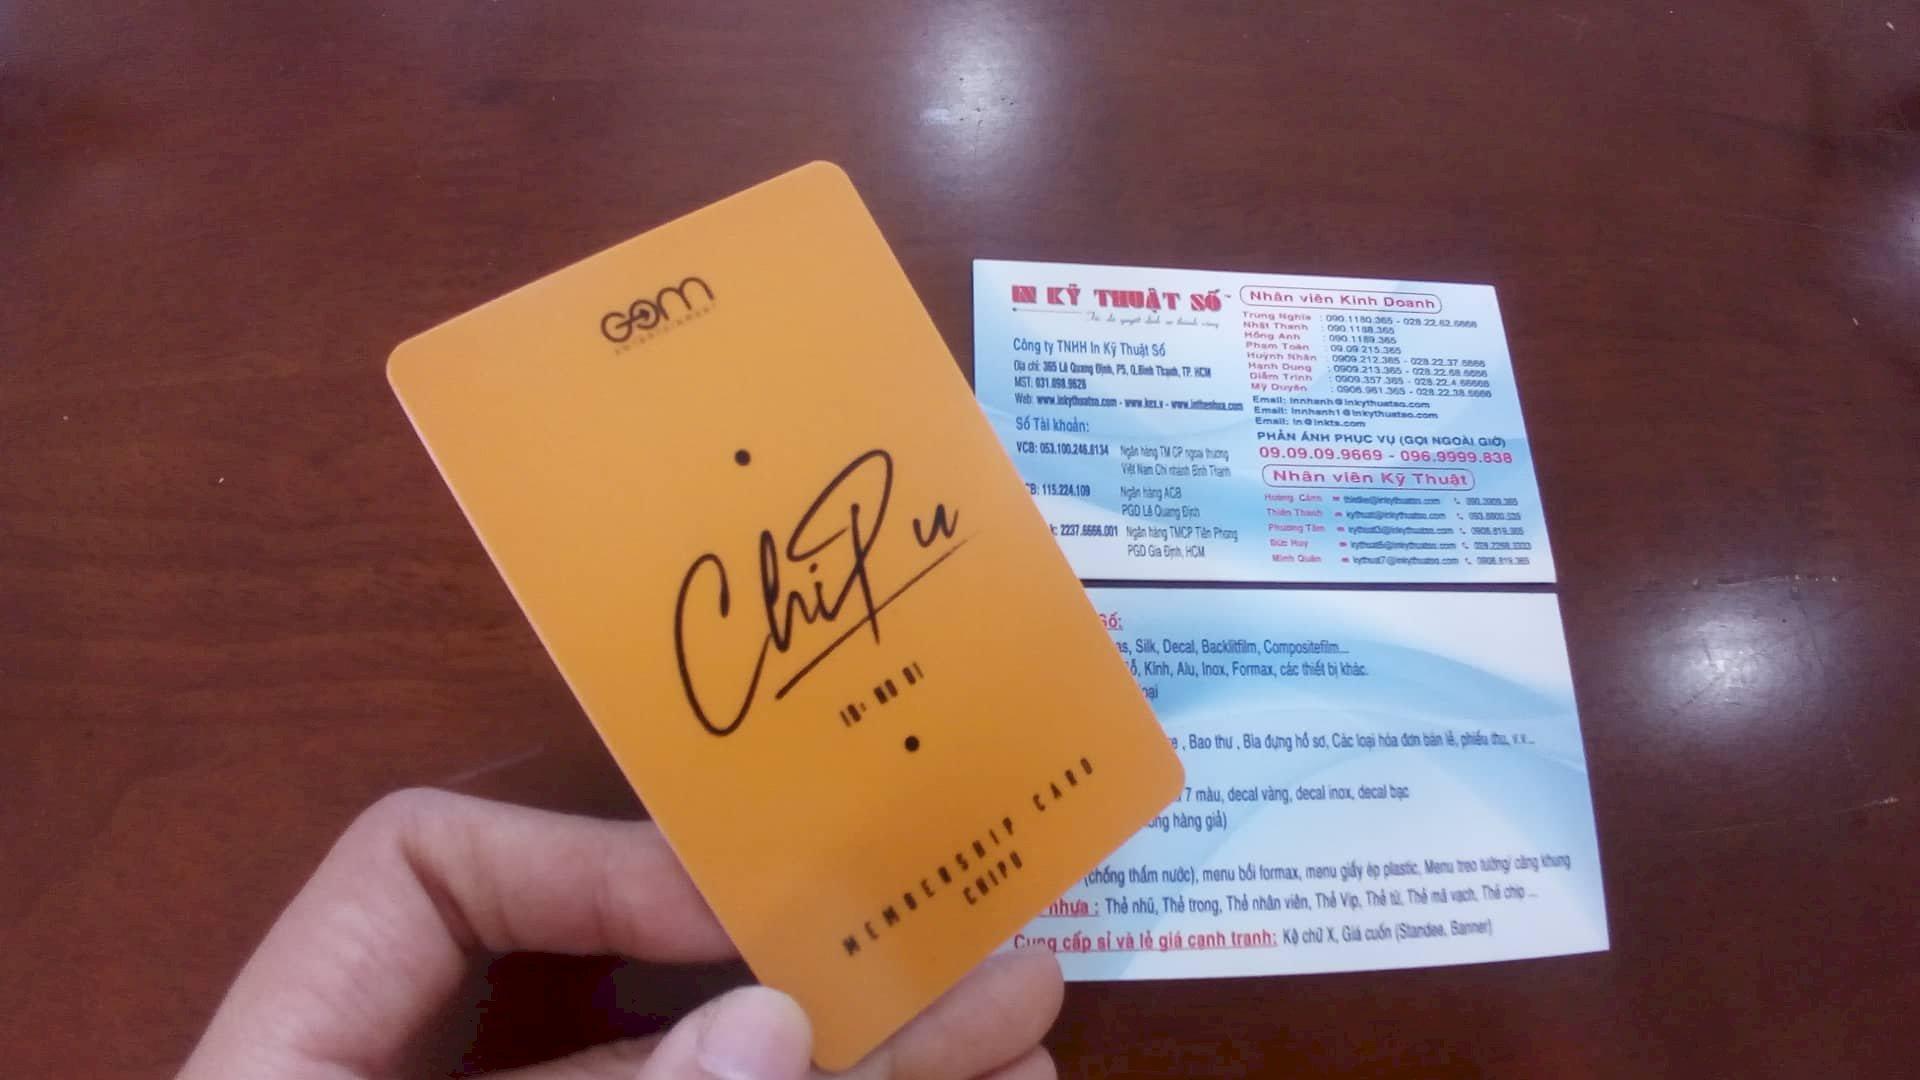 In thẻ nhựa Kpop, in thẻ nhựa idol, in thẻ nhựa hình ảnh đặt riêng theo yêu cầu tại công ty Vina Design